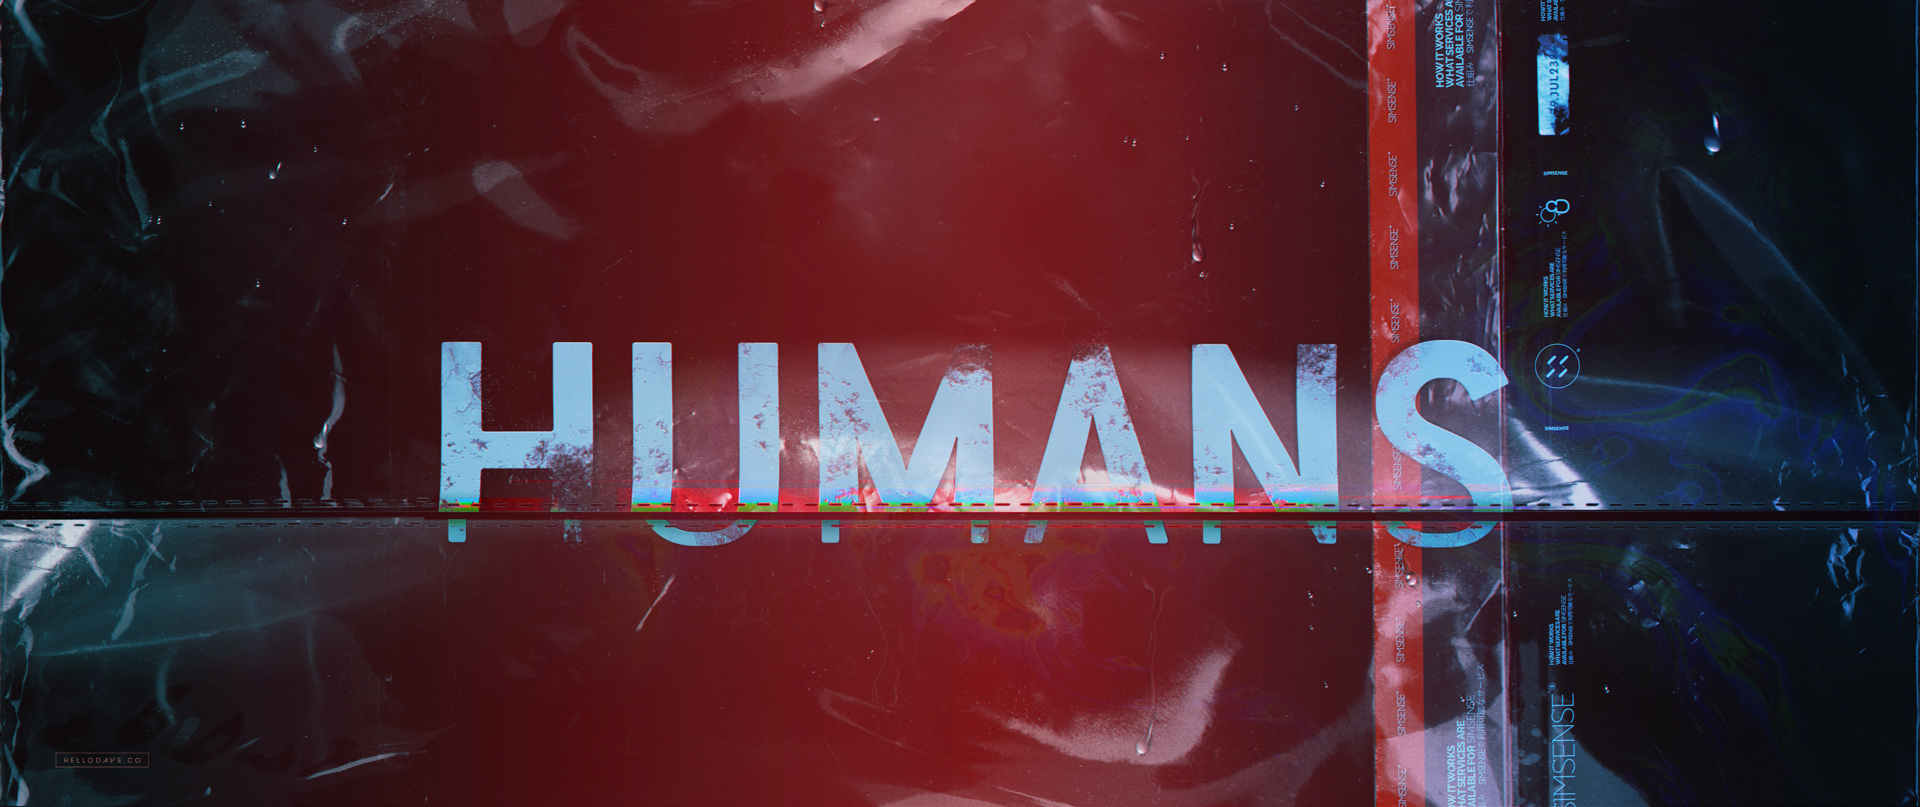 Humans_10_FHD_a-1